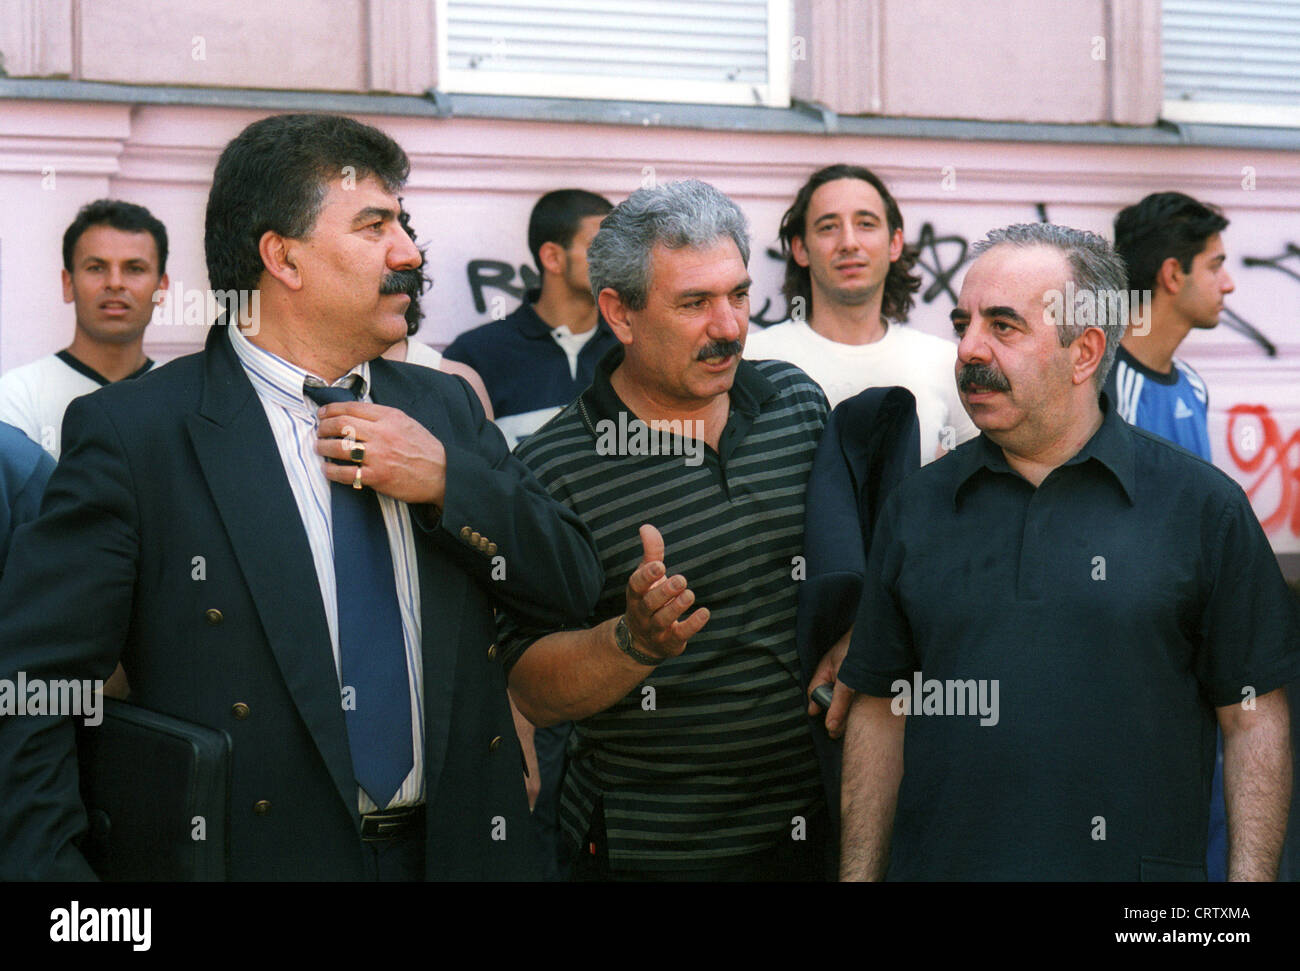 Usa turkish men in what turkish